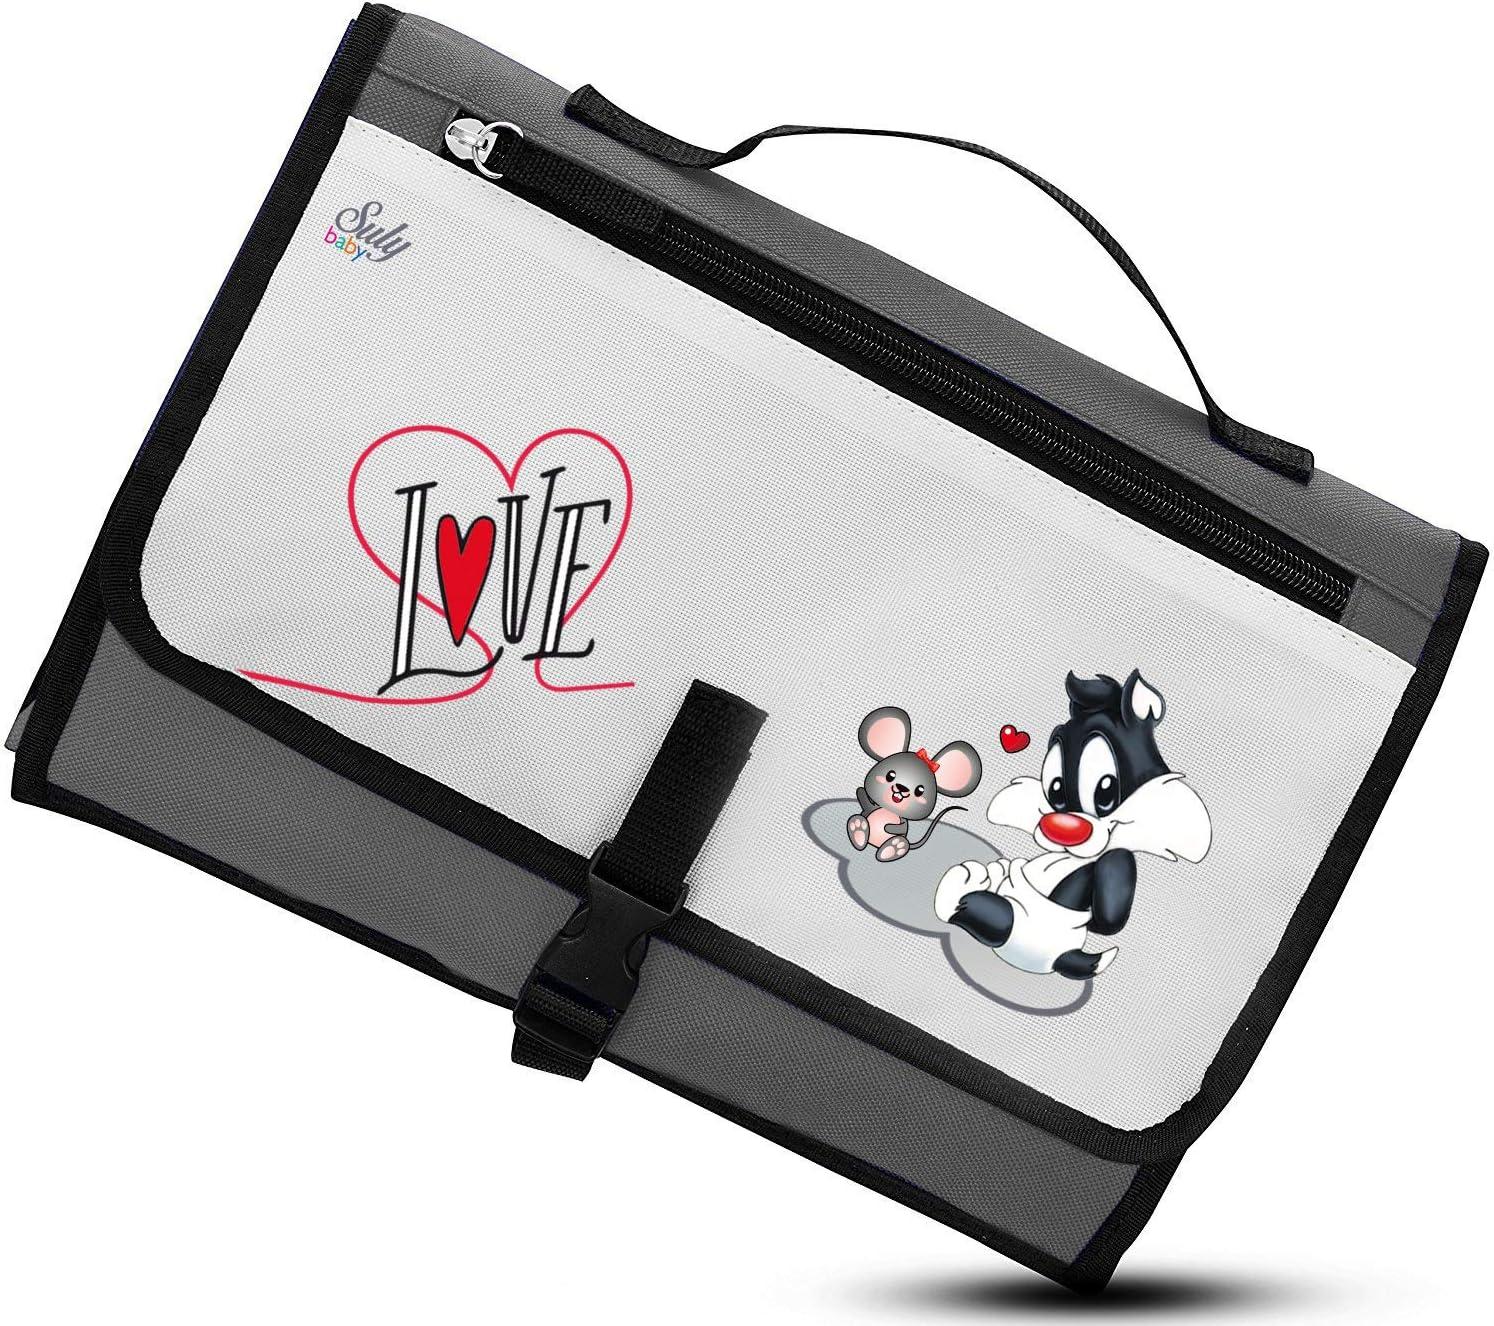 Cambiador Portátil de Pañales para bebe Impermeable - Kit Cambiador Bebe Viaje - Completamente Acolchado - Esterilla Lavable de Quita y Pon - Para Usar Fuera de Casa - Perfecto como Regalo